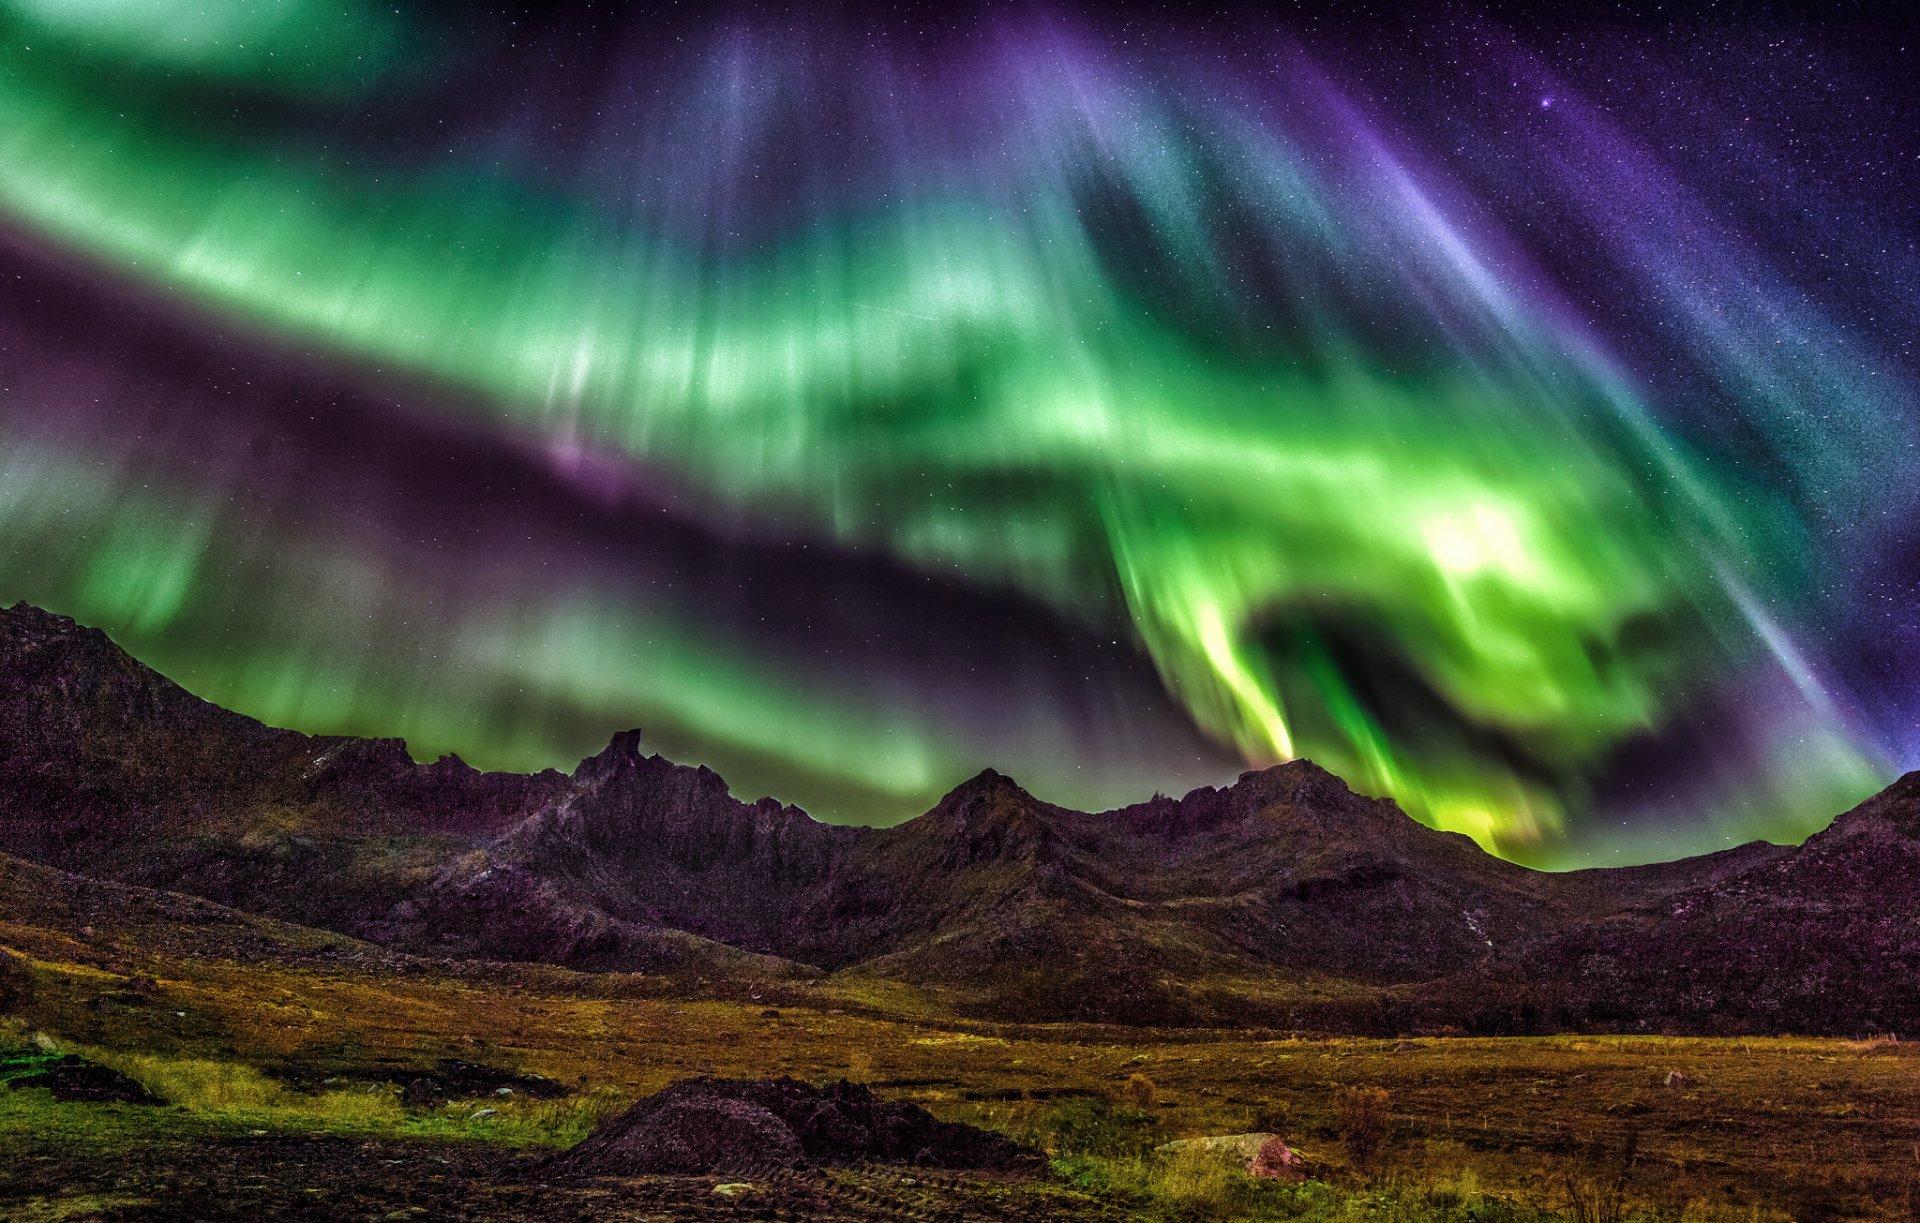 Aurora boreale hd wallpaper sfondi 2048x1305 id for Sfondi desktop aurora boreale